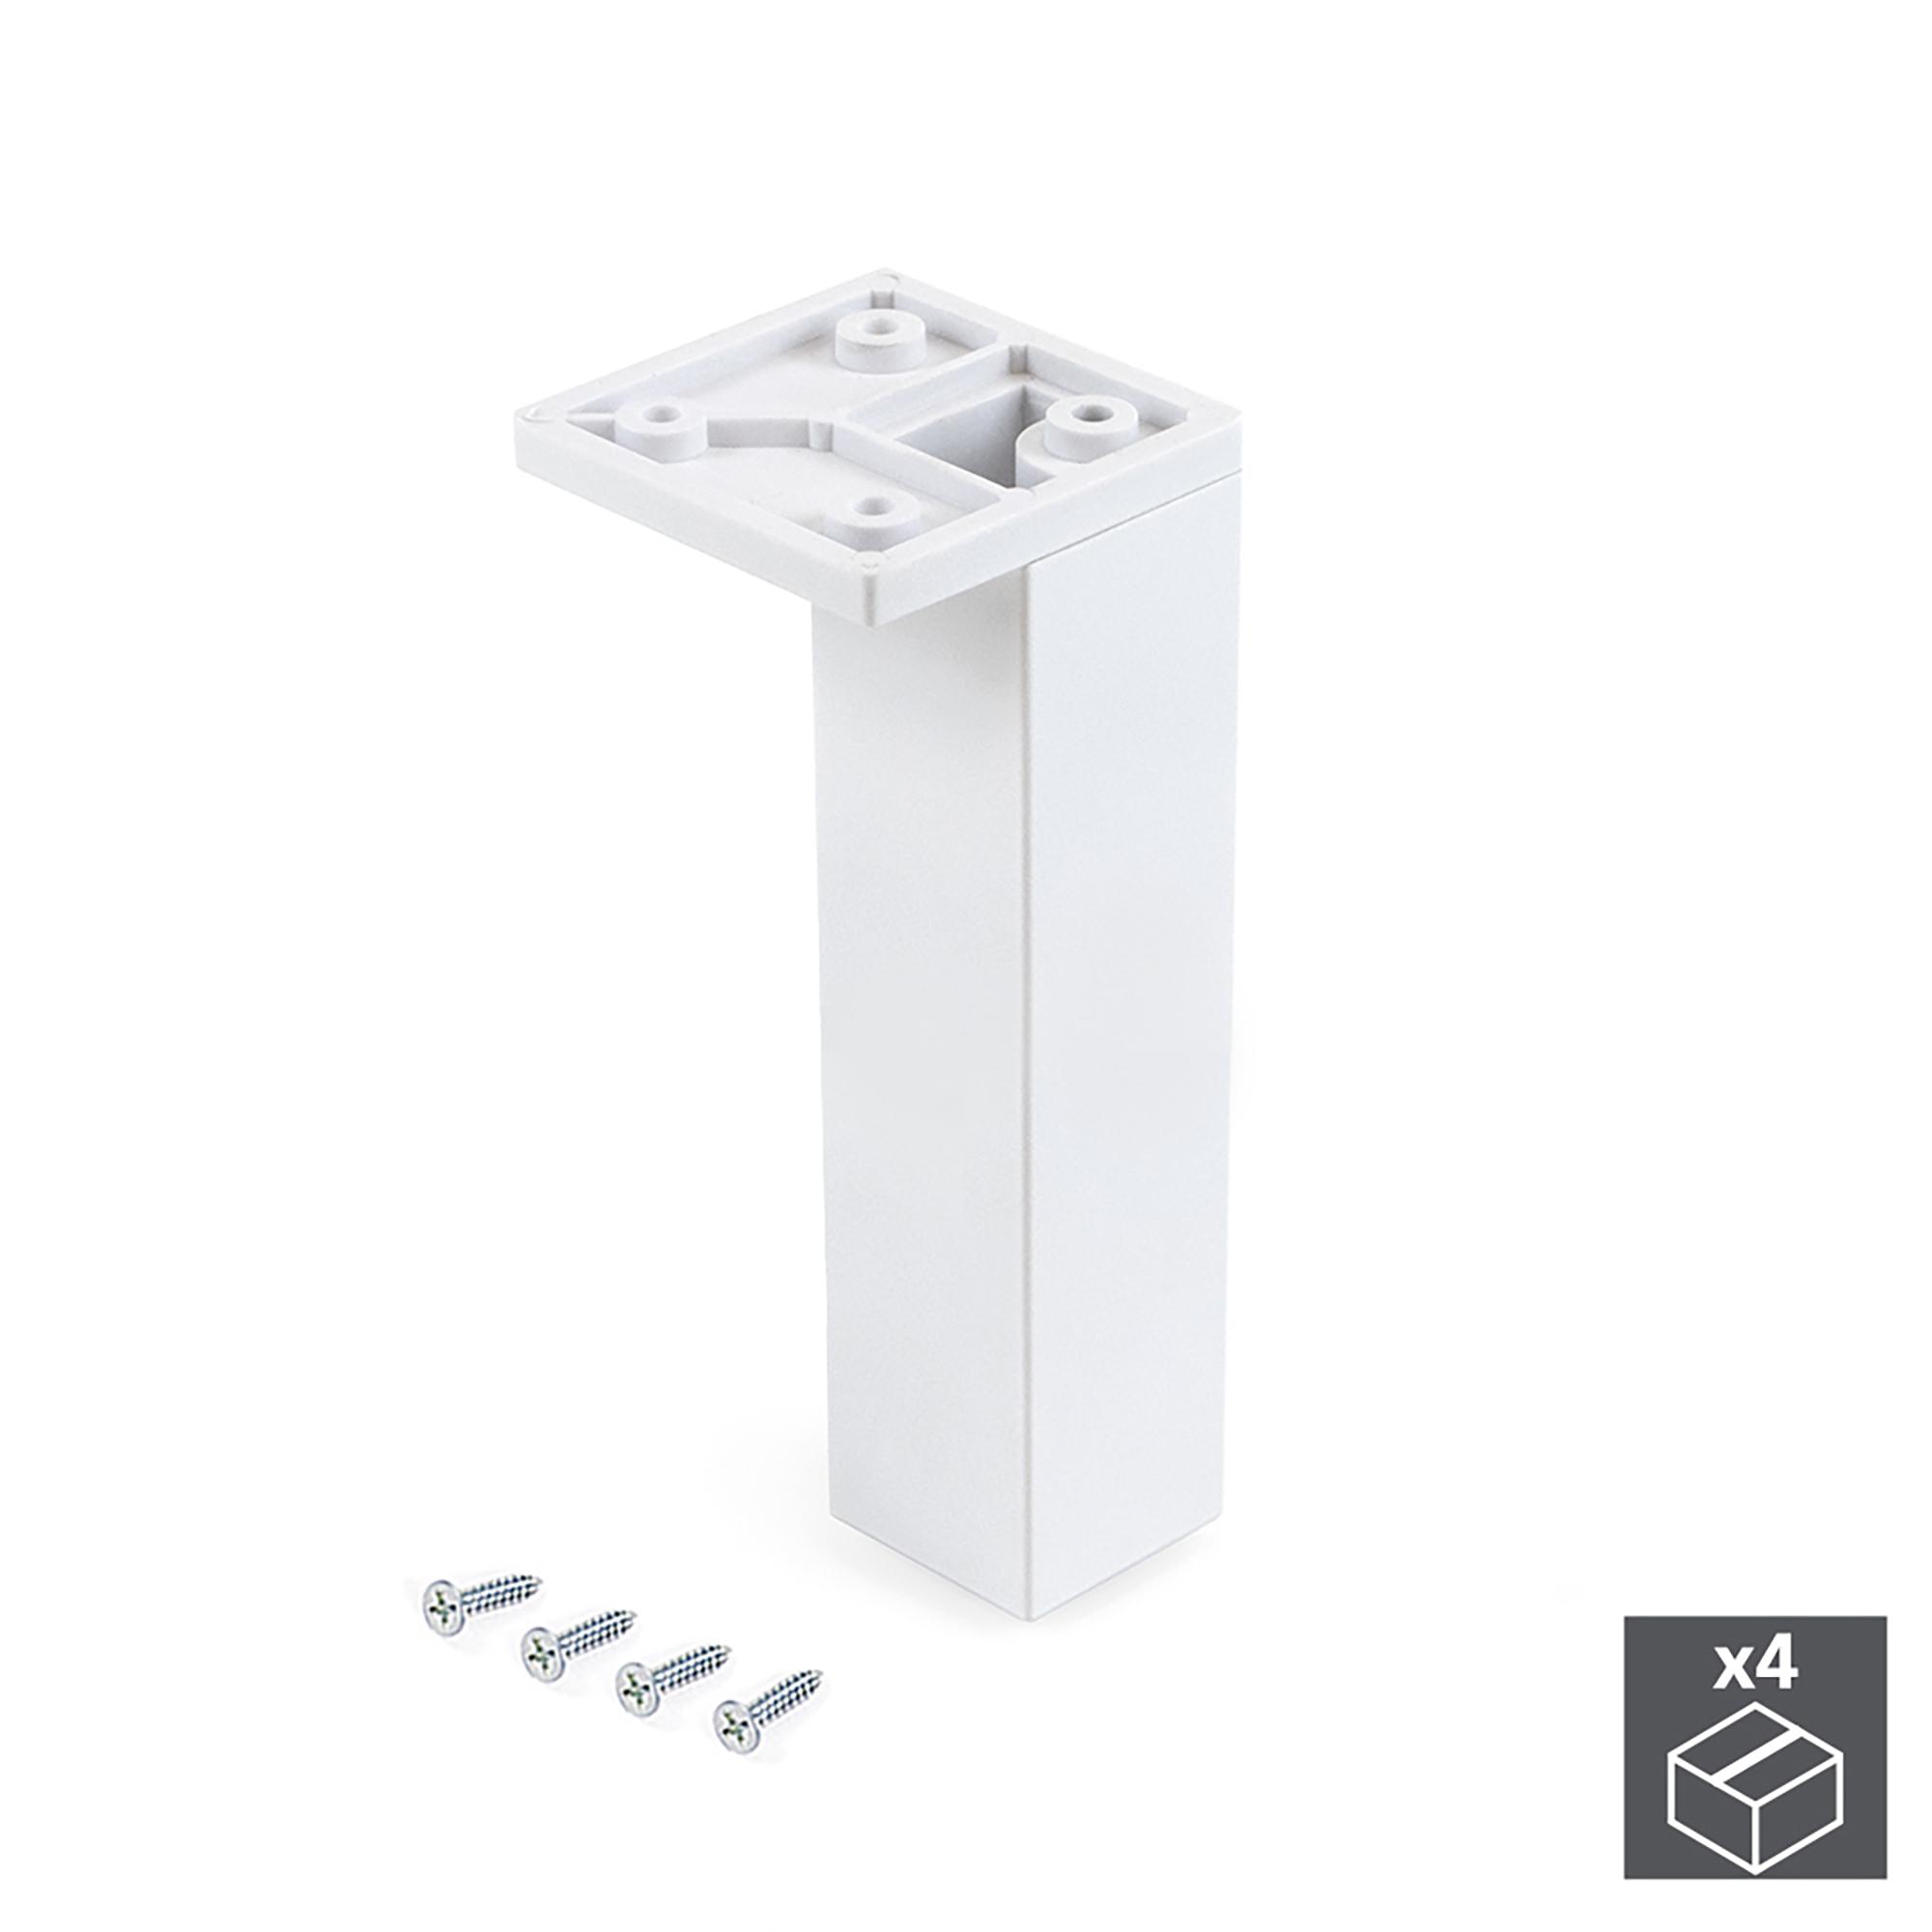 Emuca Piedino per mobile, angolo, regolabile, 140 - 150 mm, Plastica, Bianco, 4 un.